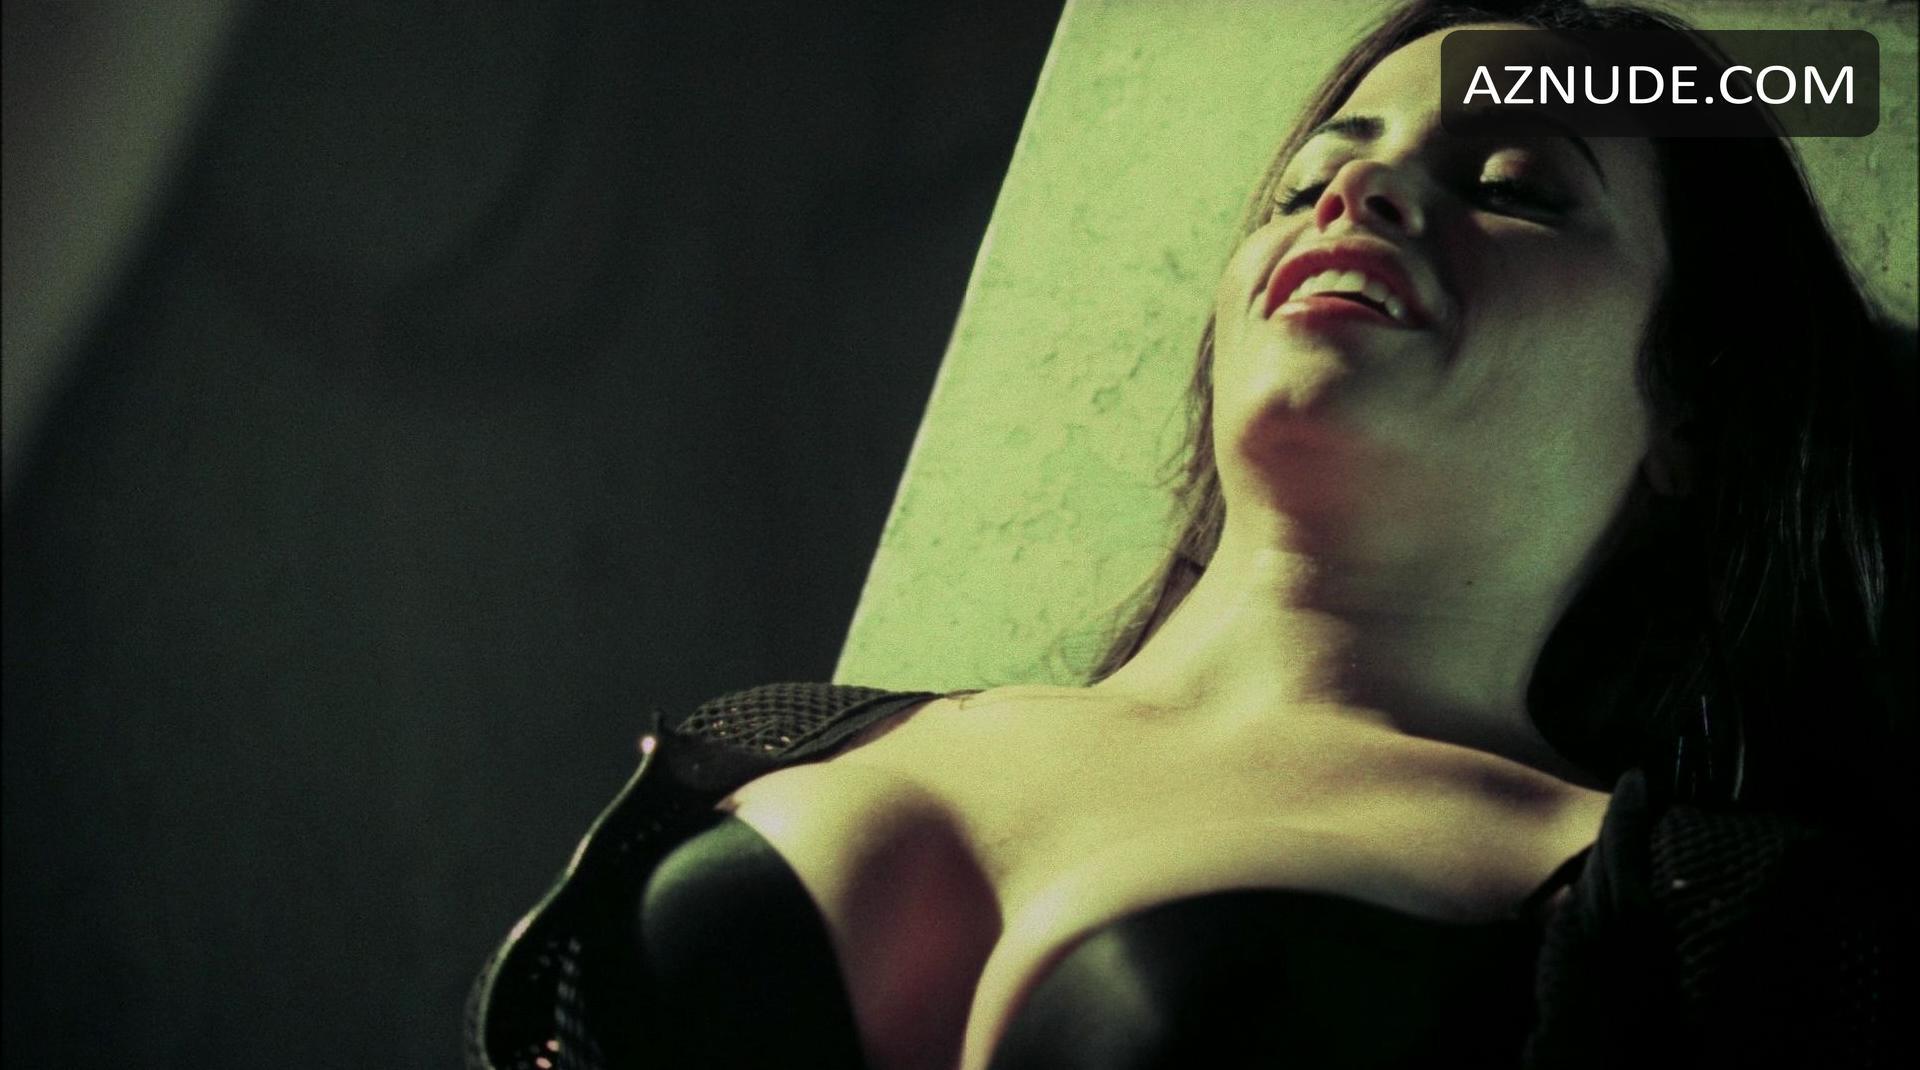 Jenna Dewan Tatum Nude - Aznude-9195